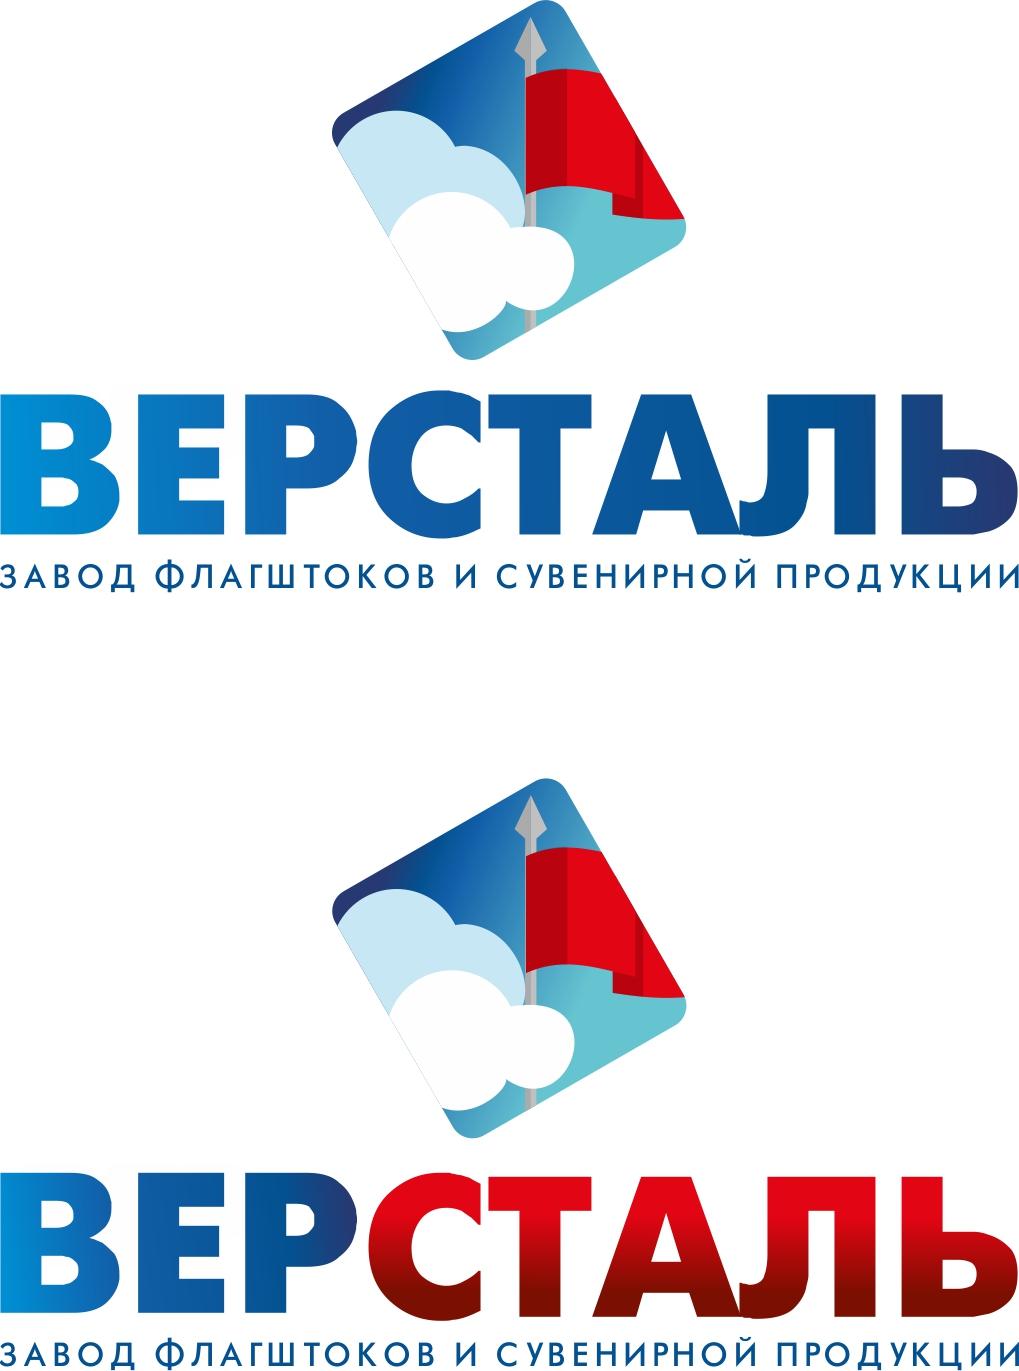 Разработка названия бренда + логотип фото f_233590c5be5ce4aa.jpg